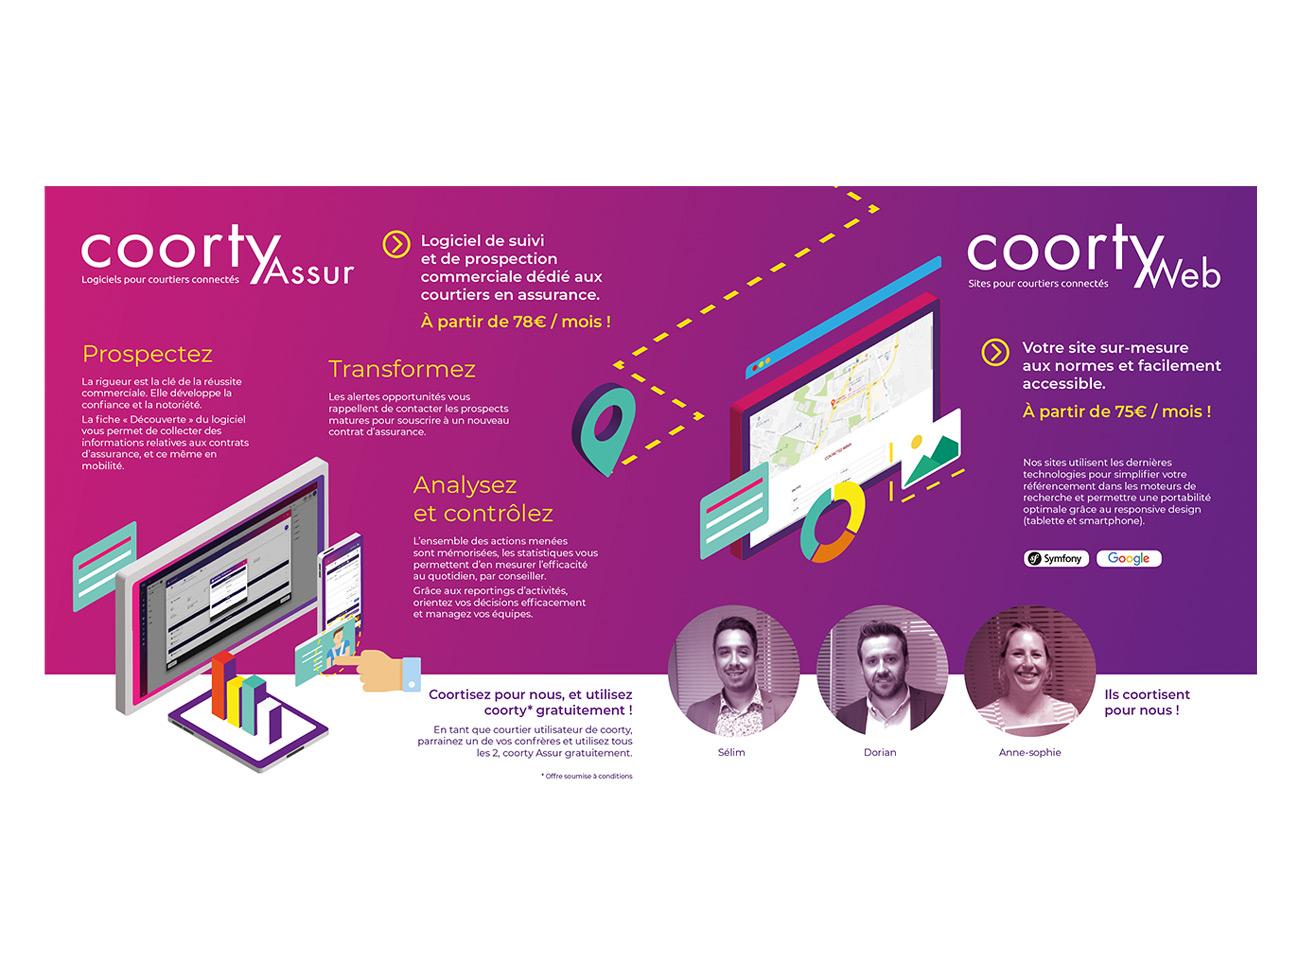 coorty-identité-visuelle-territoire-plaquette-commercial-d-expression-logo-communication-produit.